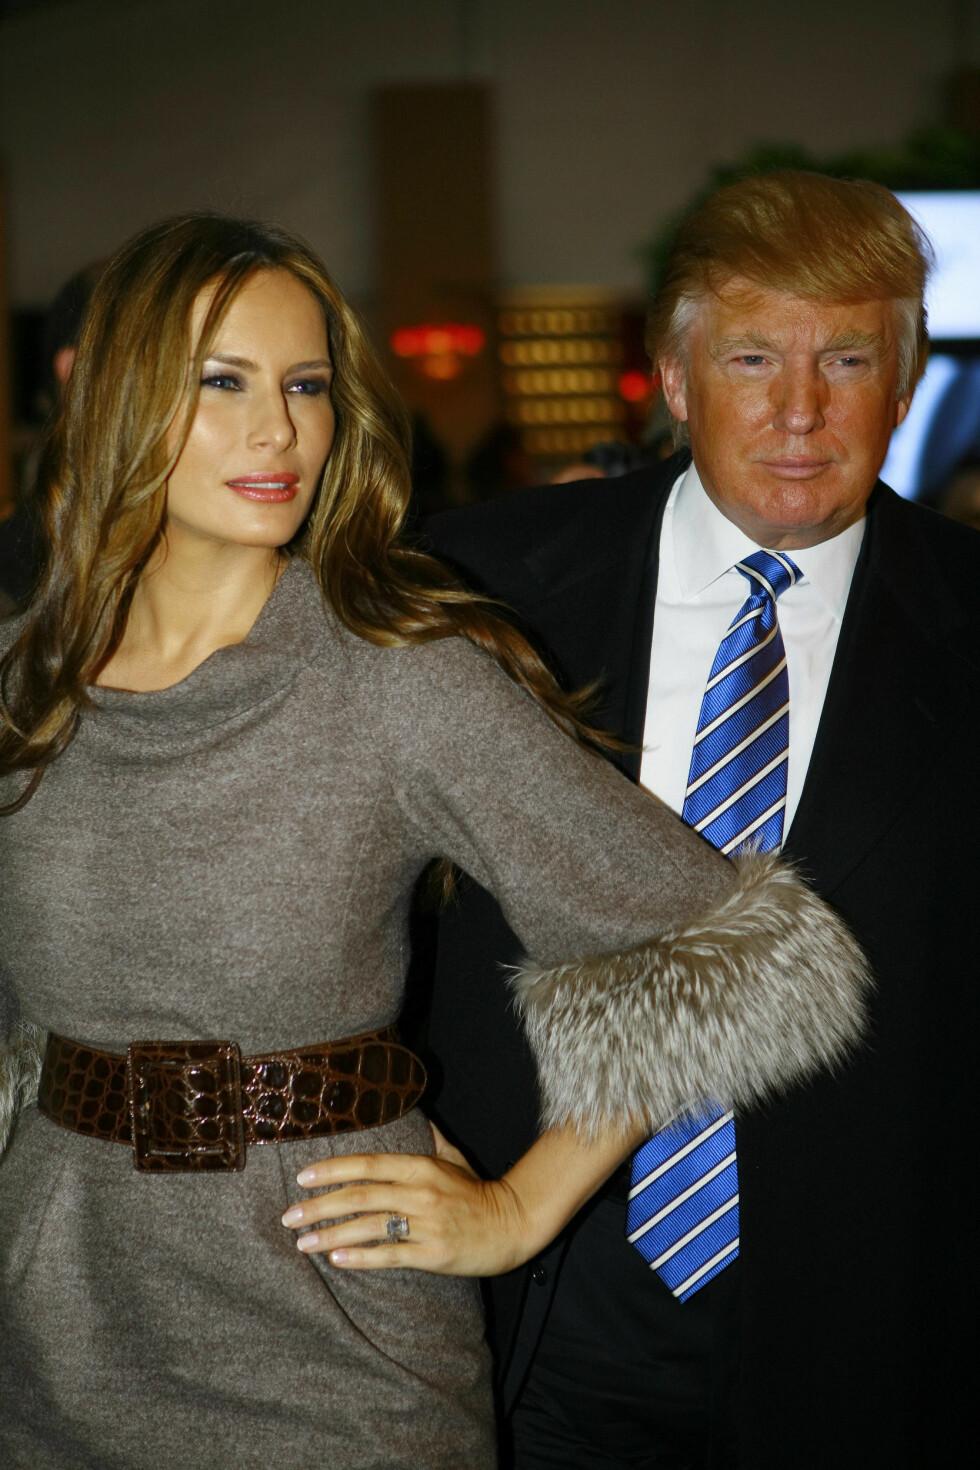 <strong>24 ÅRS FORSKJELL:</strong> Den amerikanske forretningsmannen Donald Trump (69) har vært gift med den slovenske brunetten Melania Knauss (45) siden 2008. De har ett barn sammen. Foto: NTB Scanpix